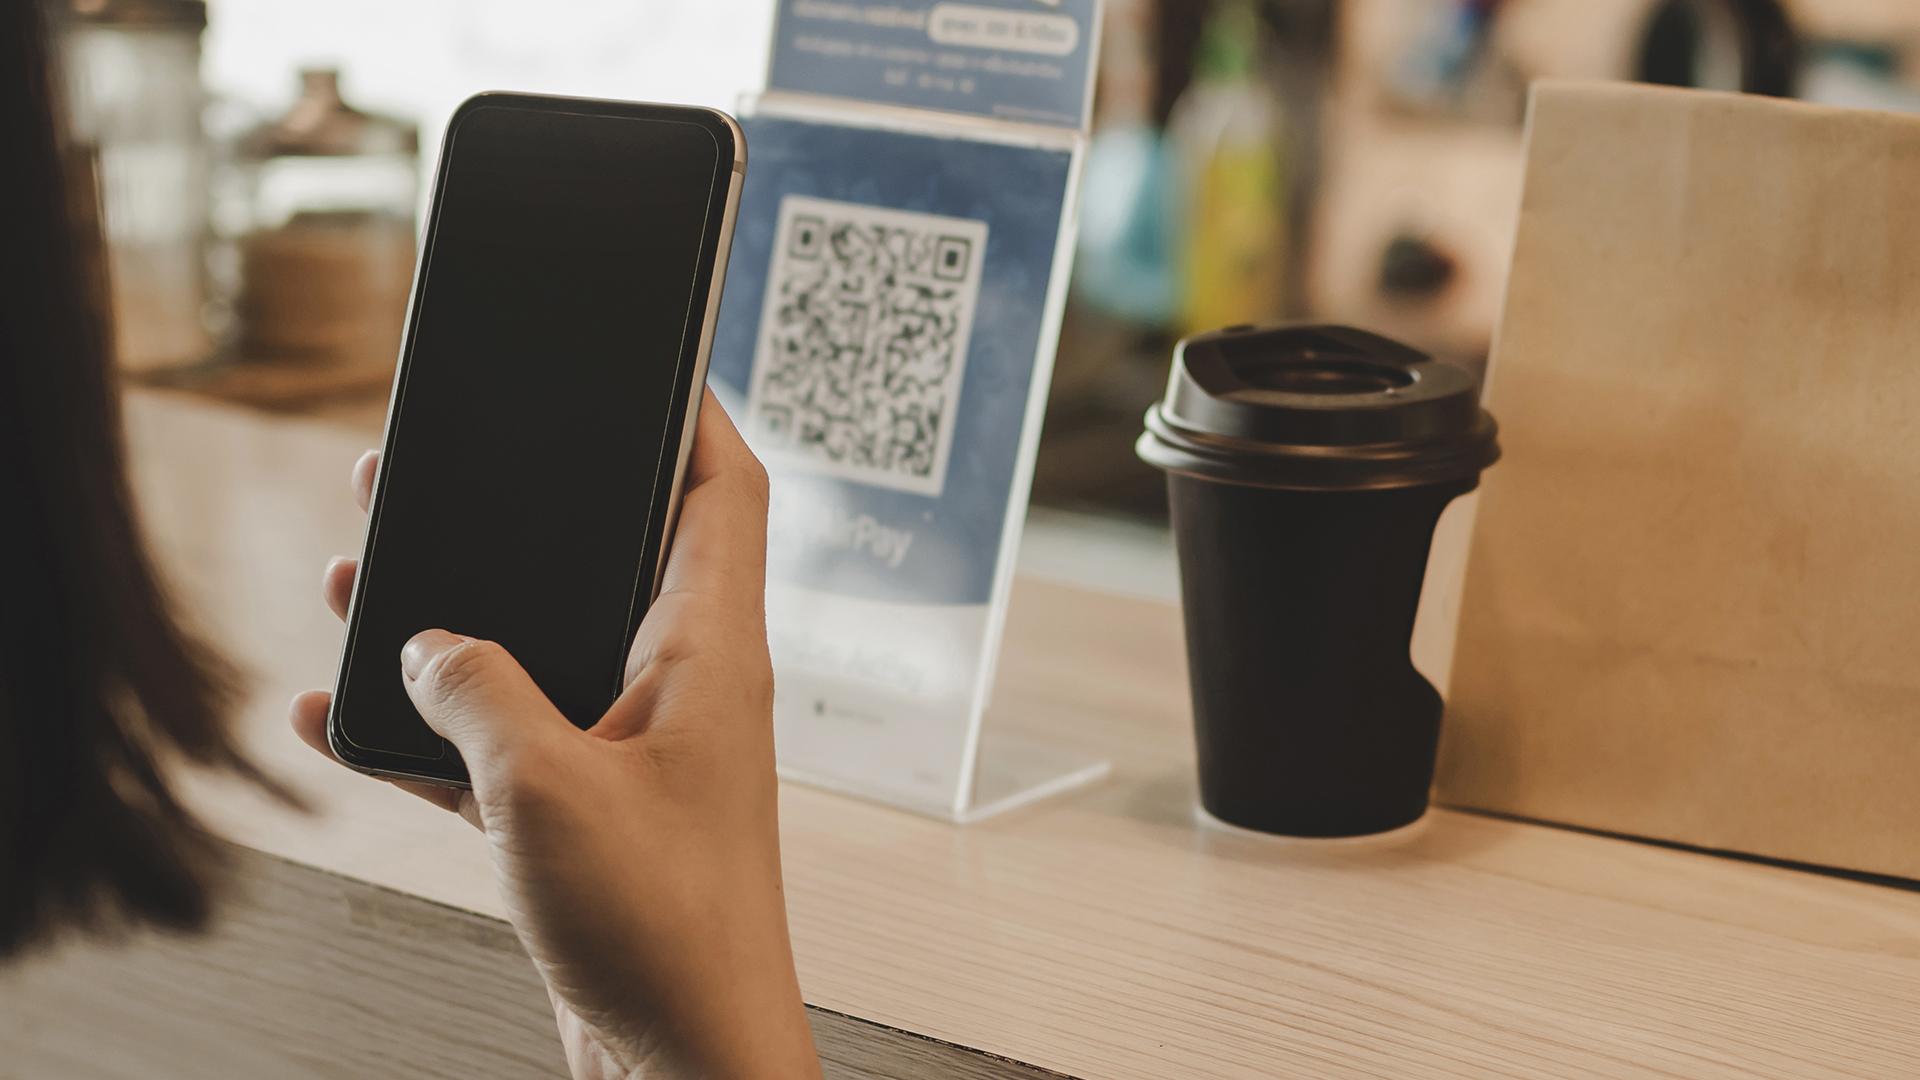 O seu cliente pode consultar o cardápio virtual via QR code.